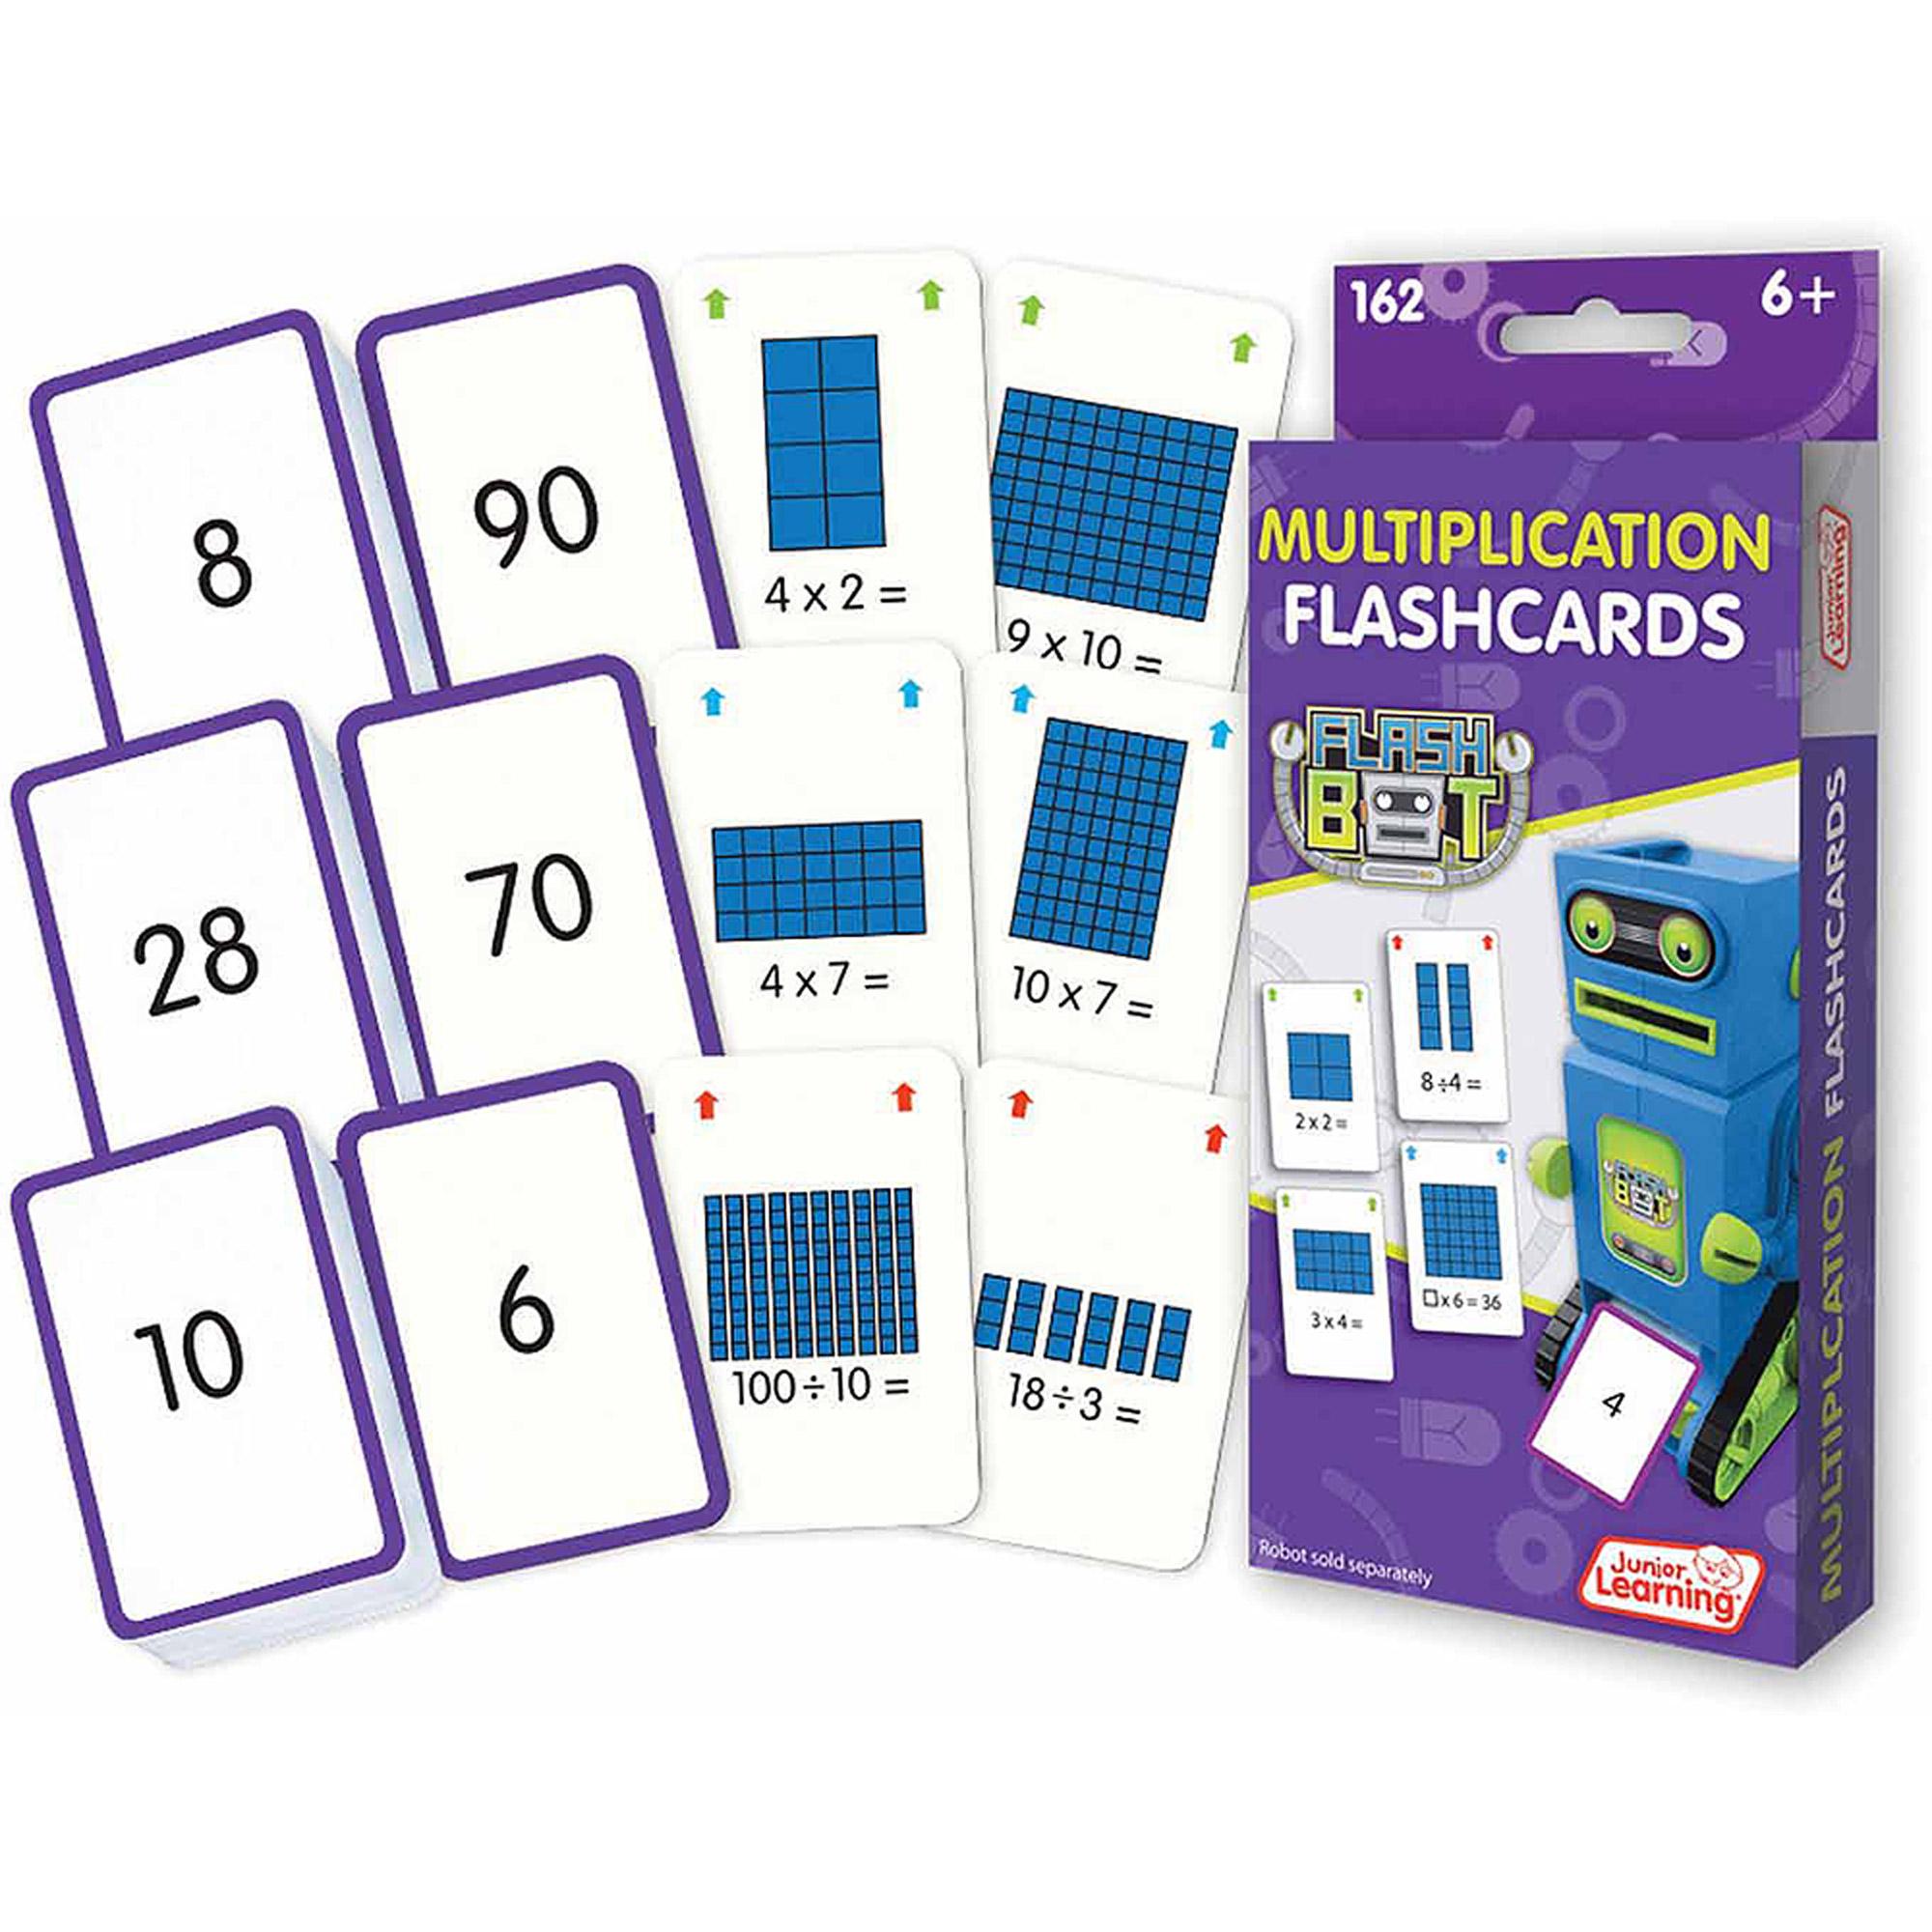 Junior Learning Multiplication Flashcards